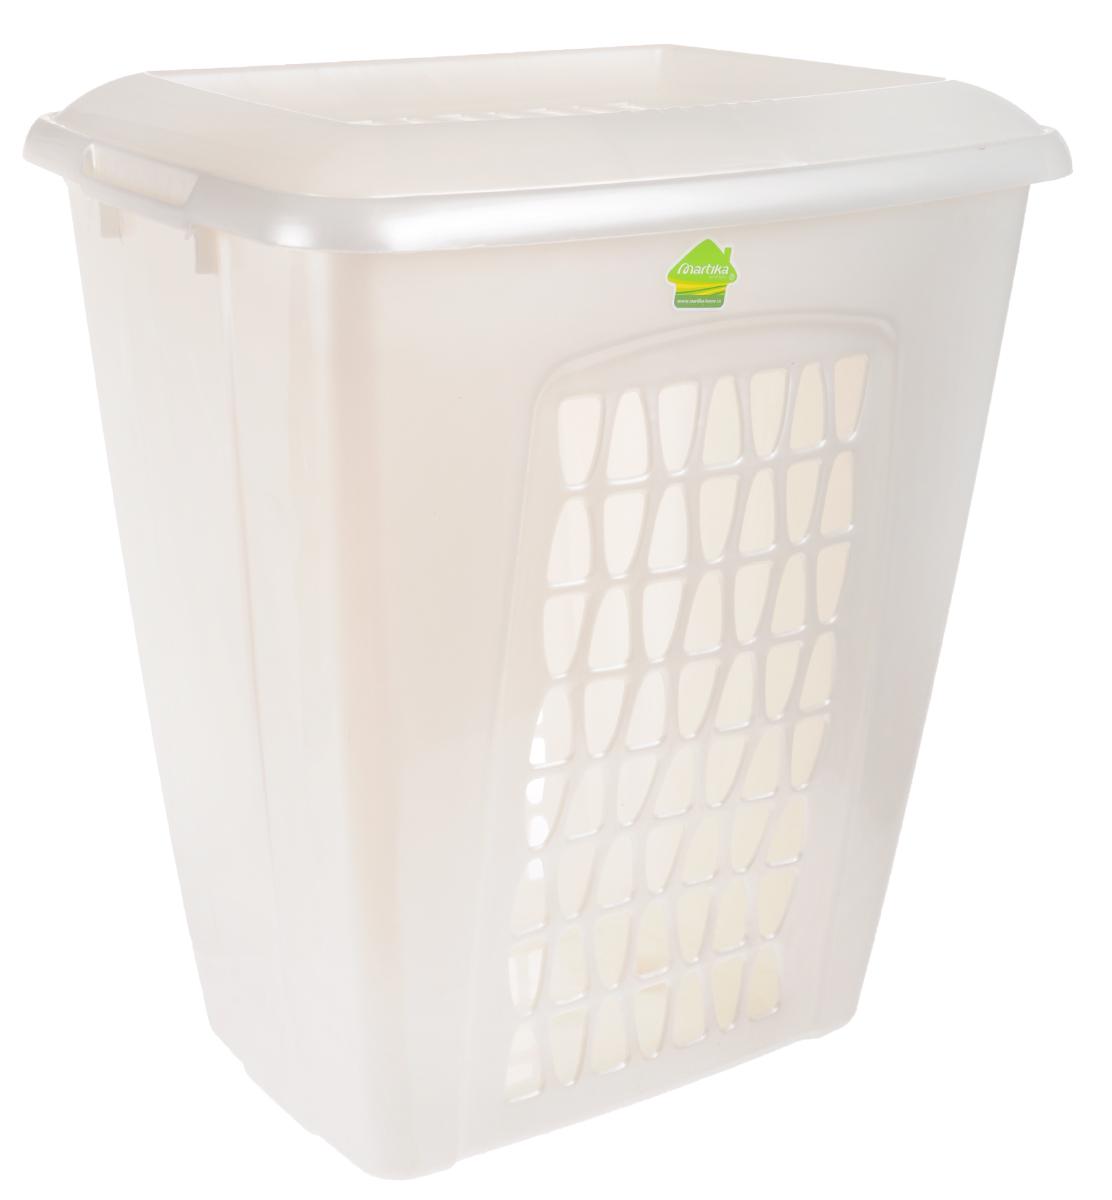 Корзина для белья Martika Моллета, цвет: перламутрово-белый, 45 л97678Корзина для белья Martika Моллета, изготовленная из прочного полипропилена, пропускает воздух, устойчива к перепадам температур и влажности, поэтому идеально подходит для ванной комнаты. Изделие оснащено боковыми ручками и крышкой. Можно использовать для хранения белья, детских игрушек, домашней обуви и прочих бытовых вещей. Элегантный дизайн подойдет к интерьеру любой ванной.